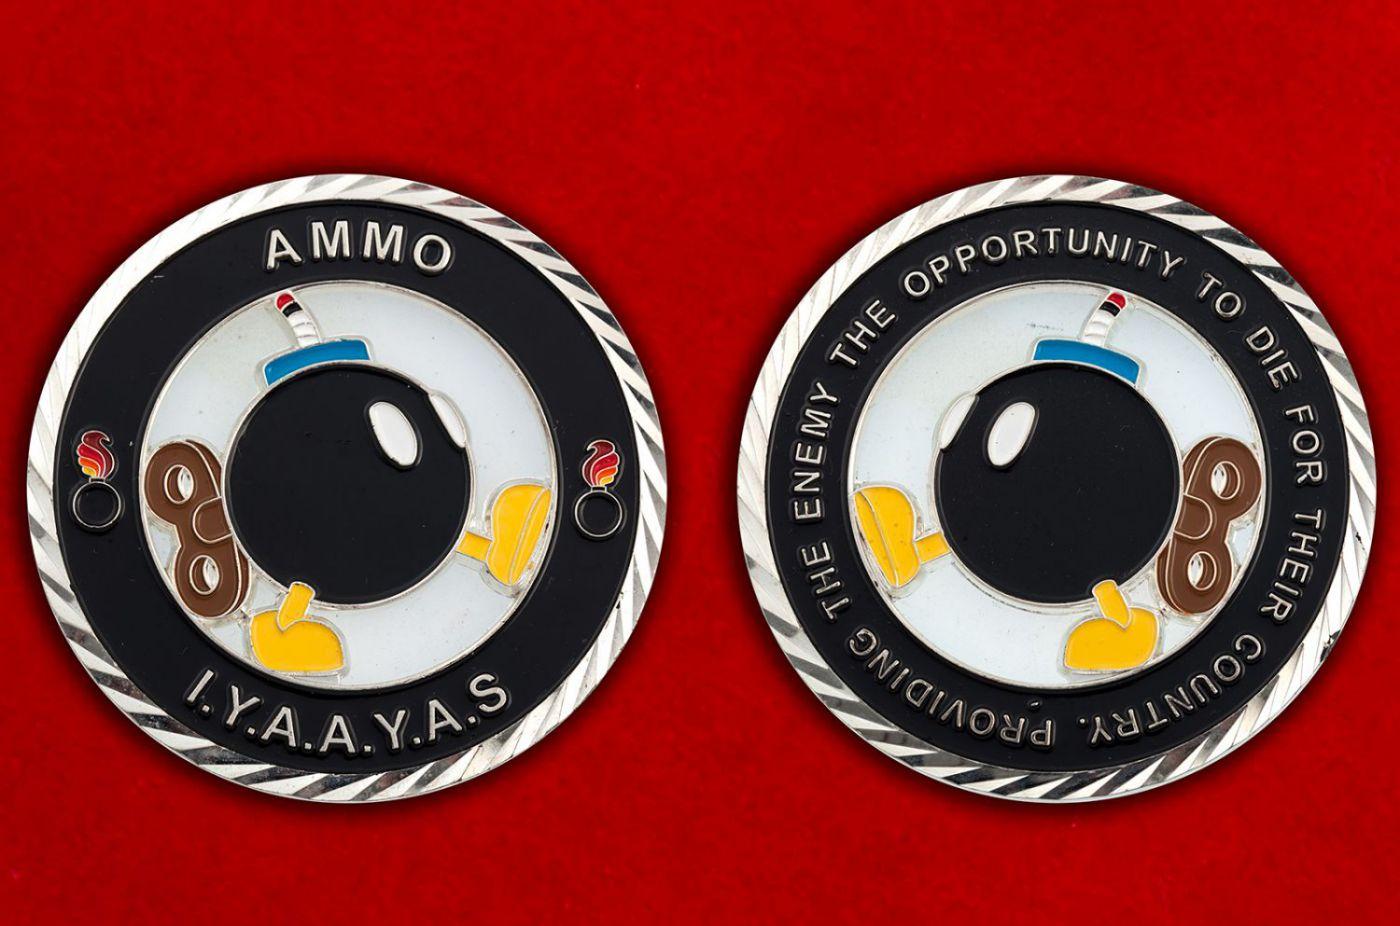 Челлендж коин подразделений Службы авиационного вооружения ВВС США - аверс и реверс